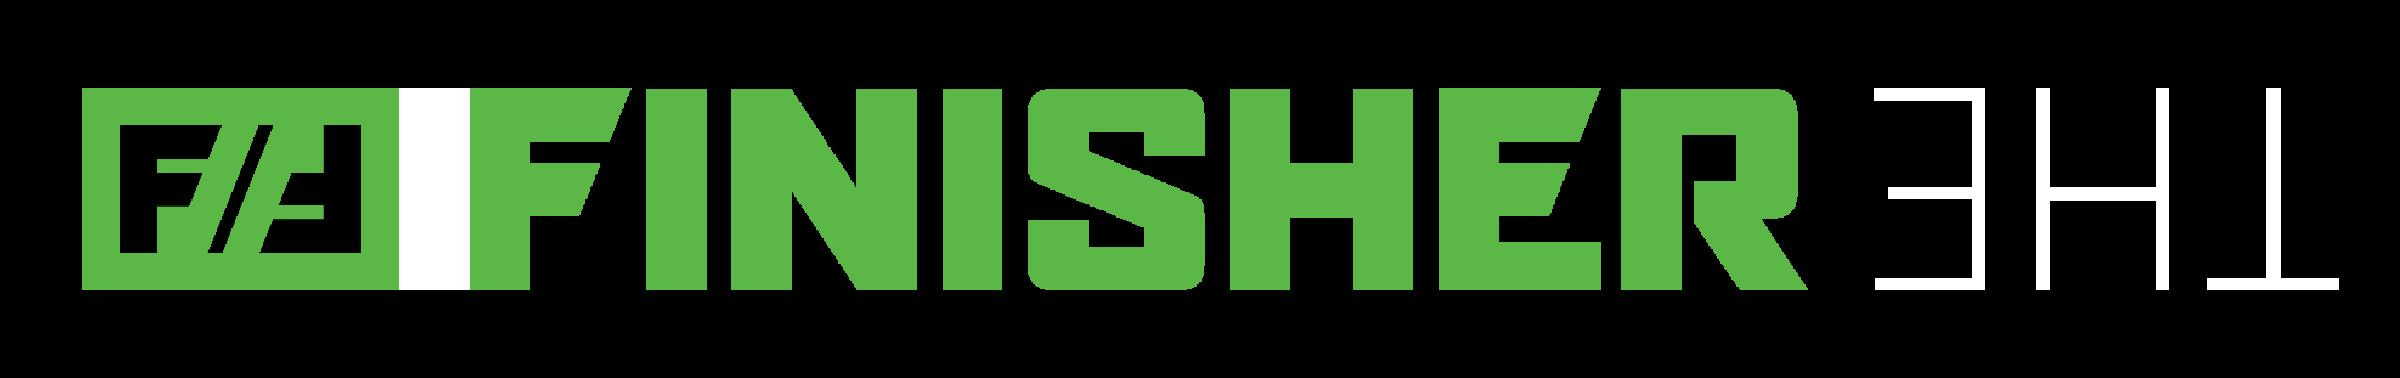 The Finisher Icon & Logo Horizontal - WHITE